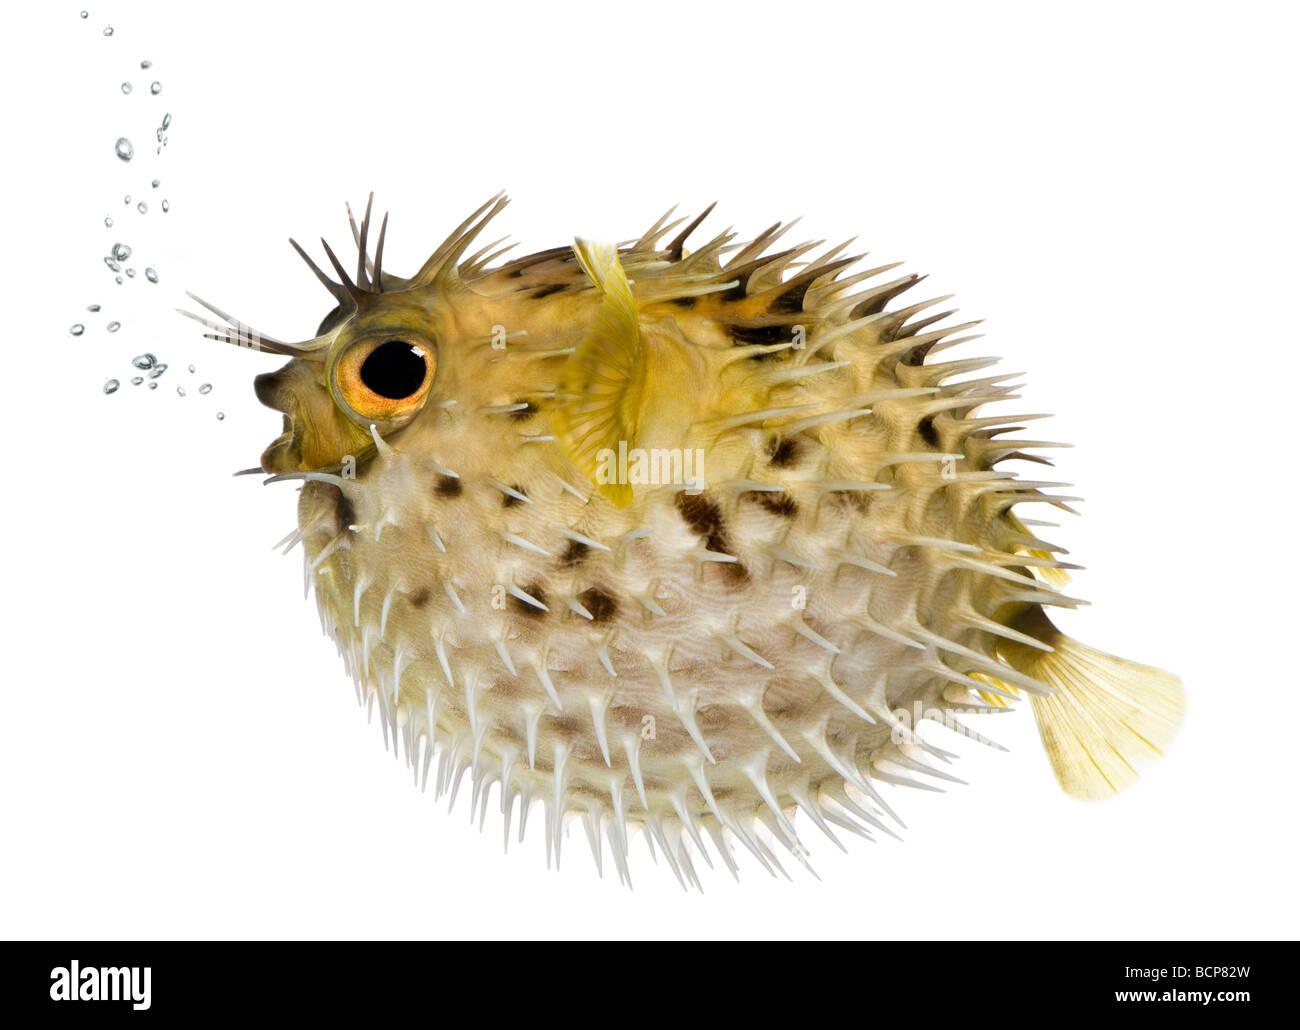 Allungate la spina dorsale porcupinefish, noto anche come balloonfish spinoso pesce, Diodon holocanthus, di fronte Immagini Stock